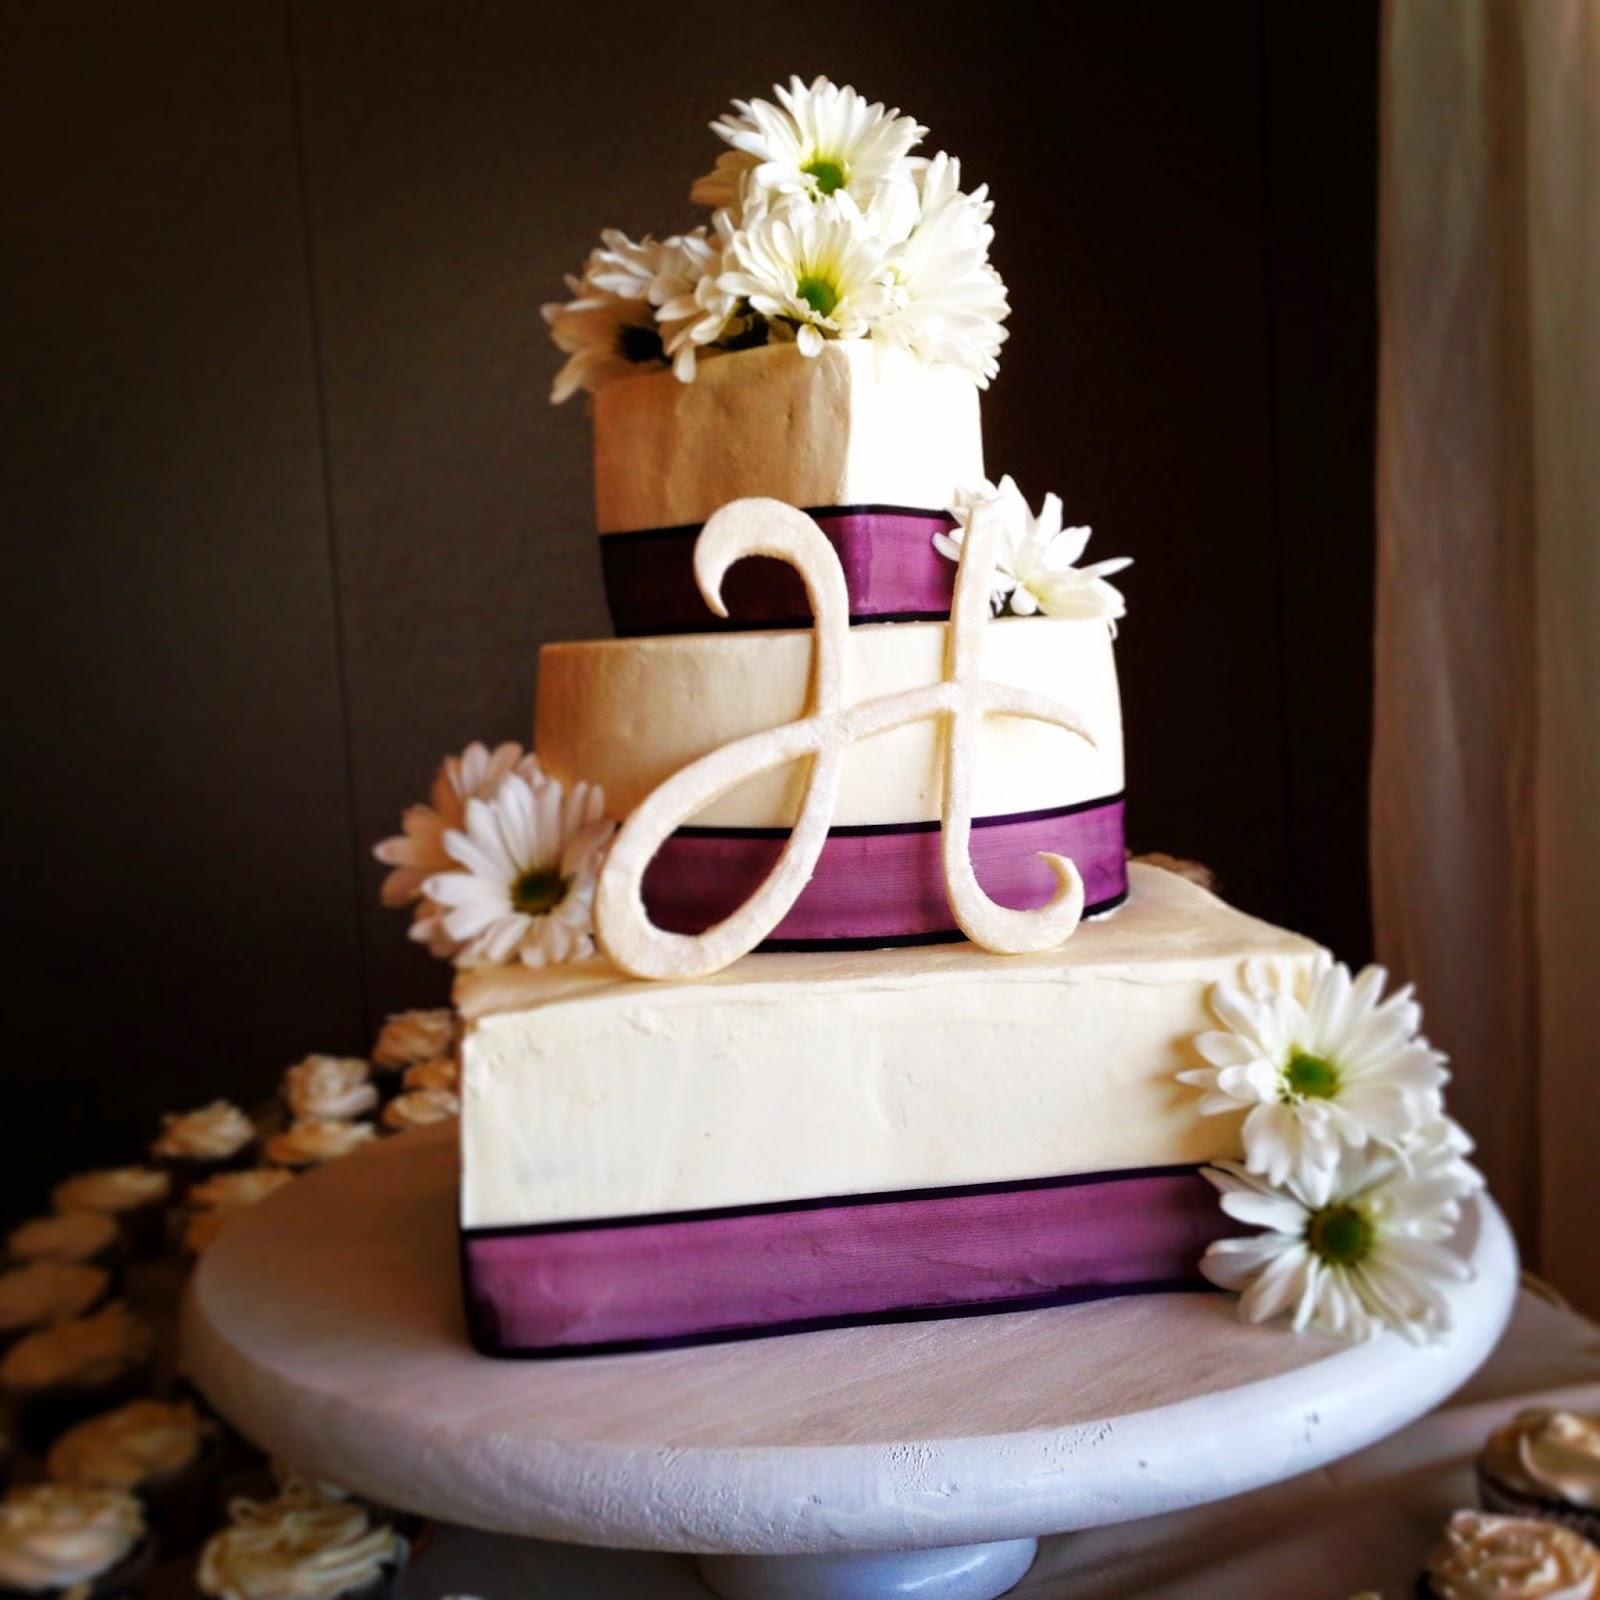 100 Gateau Wedding Cake Wedding Cake Recette Gateau